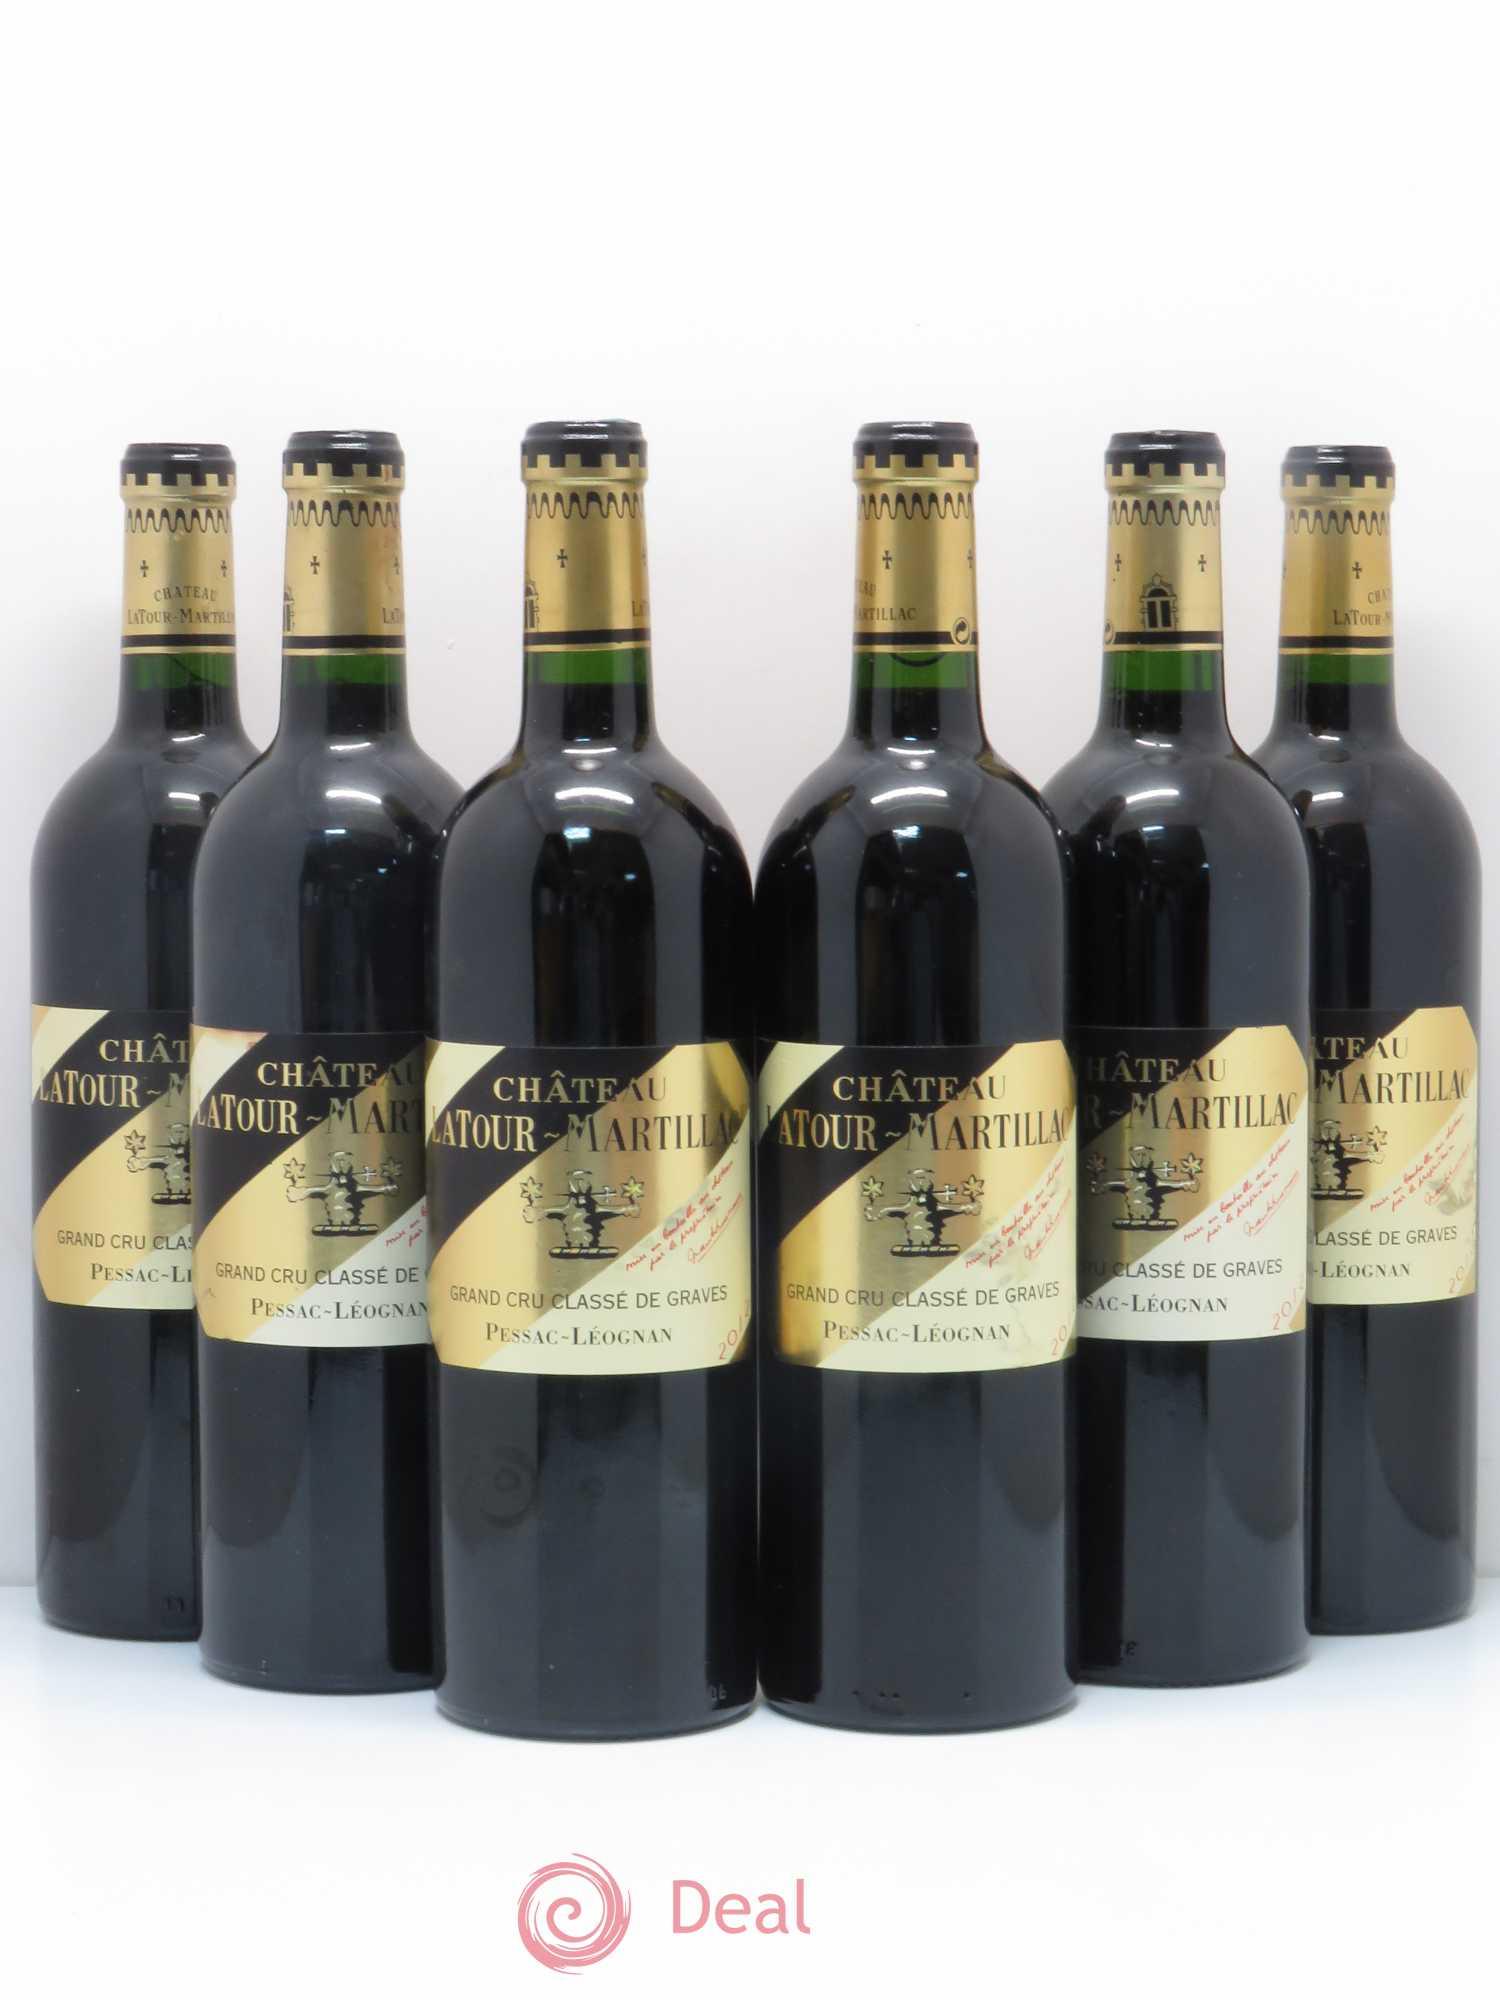 liste des vins de ch teau latour martillac en vente idealwine. Black Bedroom Furniture Sets. Home Design Ideas